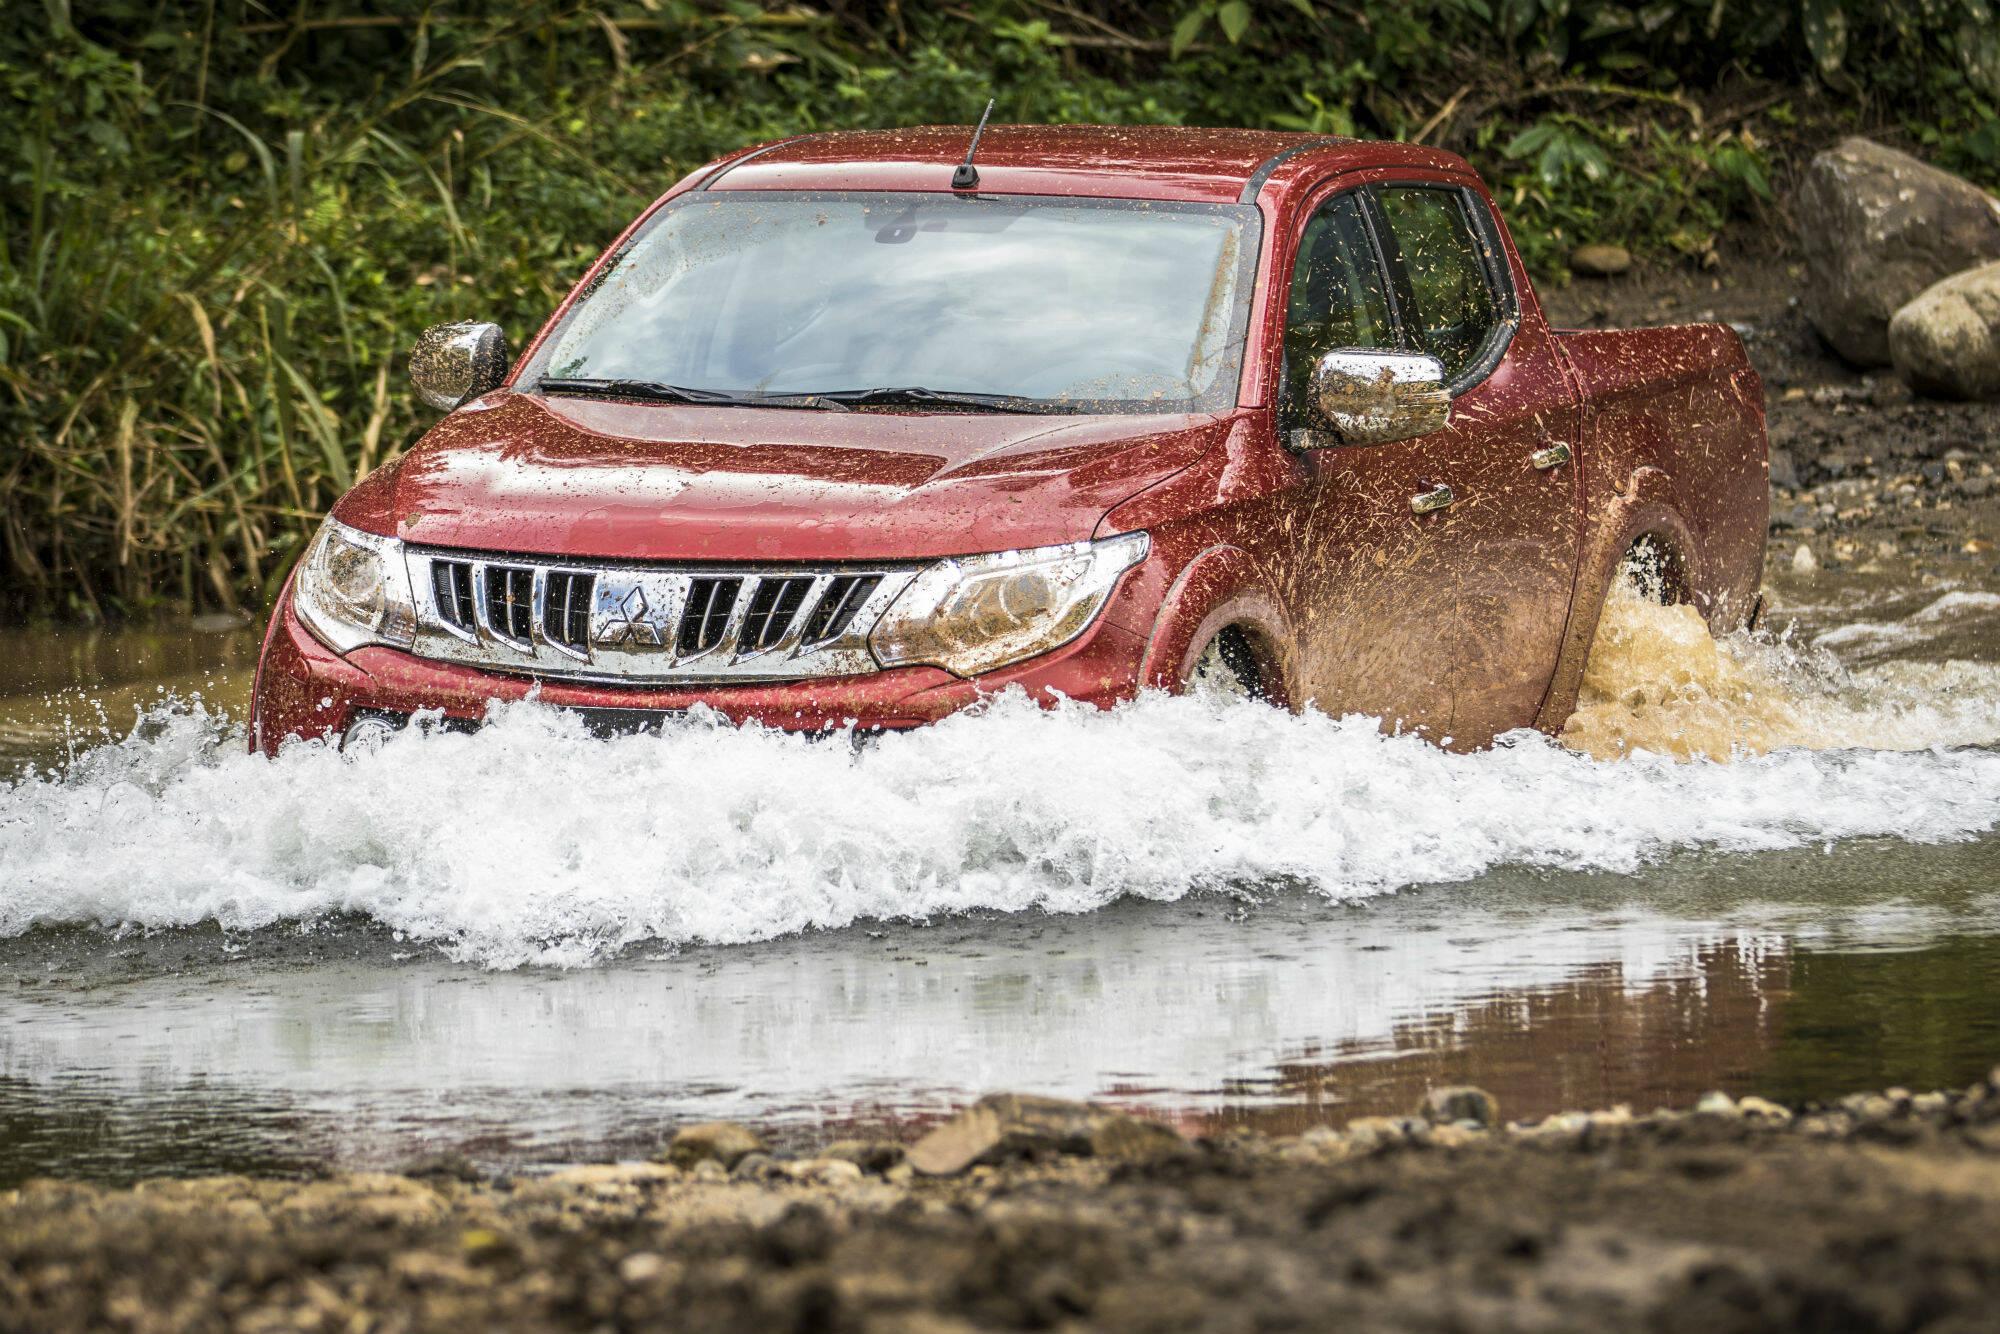 Nova geração da picape Mitsubishi L200 vai conviver com o modelo atual no Brasil. Foto: Divulgação